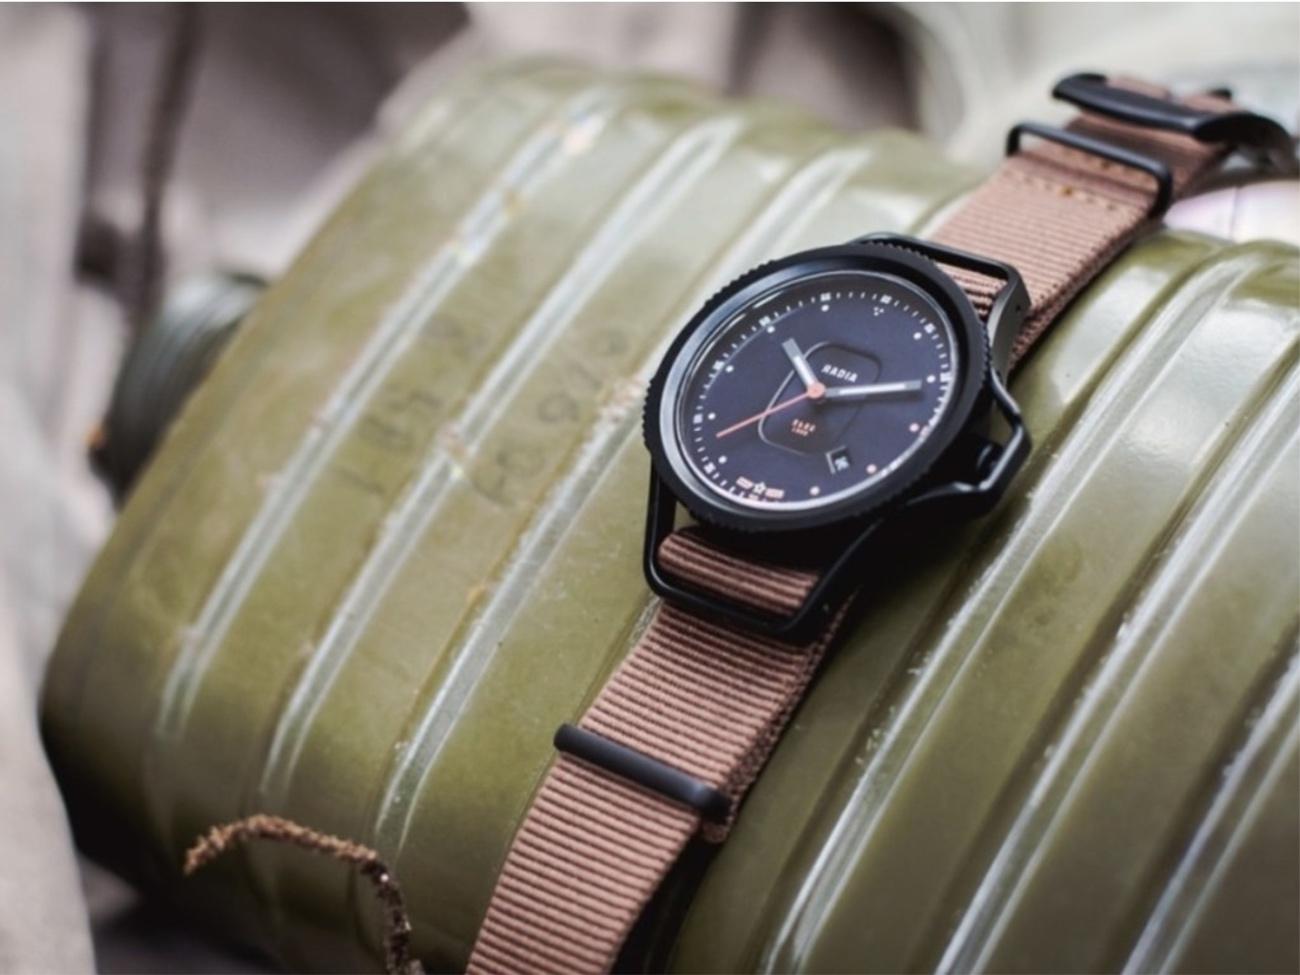 Η μάρκα που δημιουργεί στιβαρά και προσιτά ρολόγια με έμπνευση το Τσερνόμπιλ